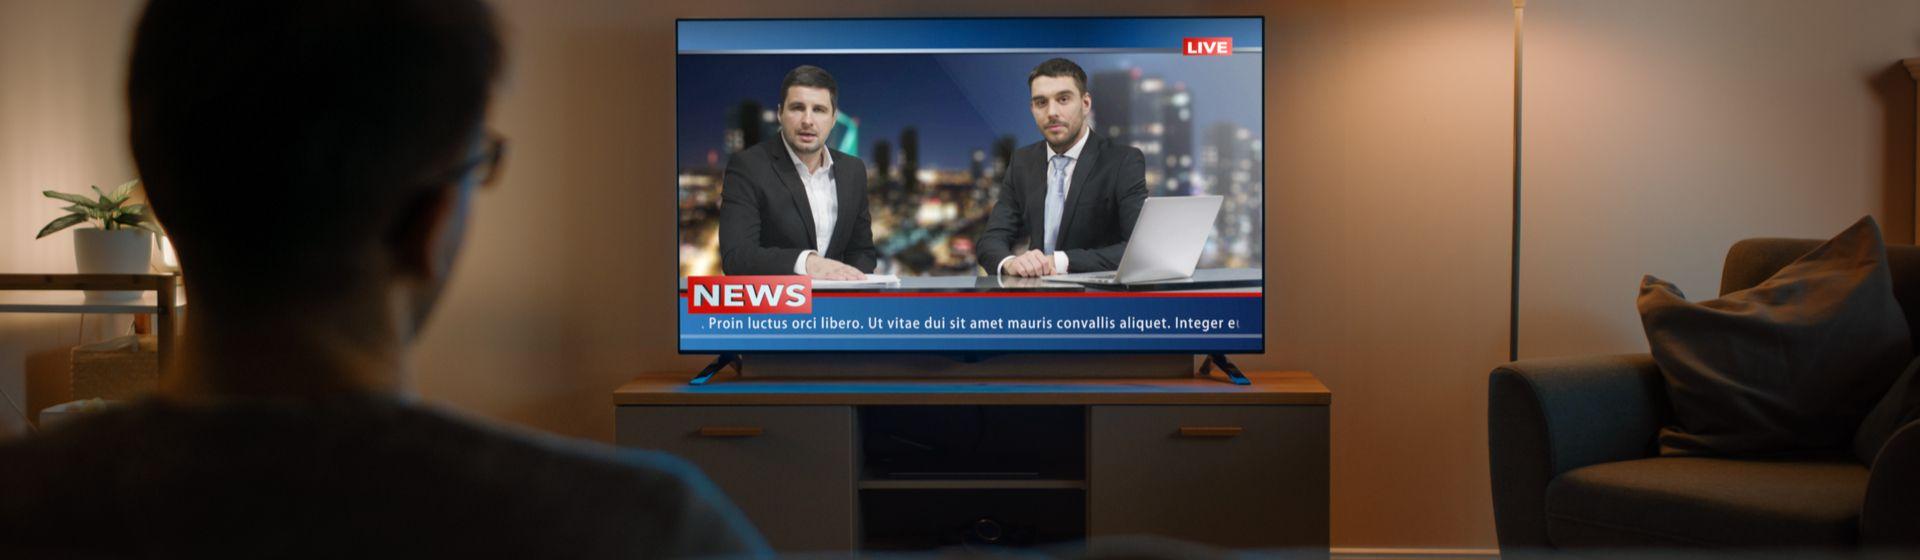 Tamanhos de TV: quais existem e como escolher o melhor para você?